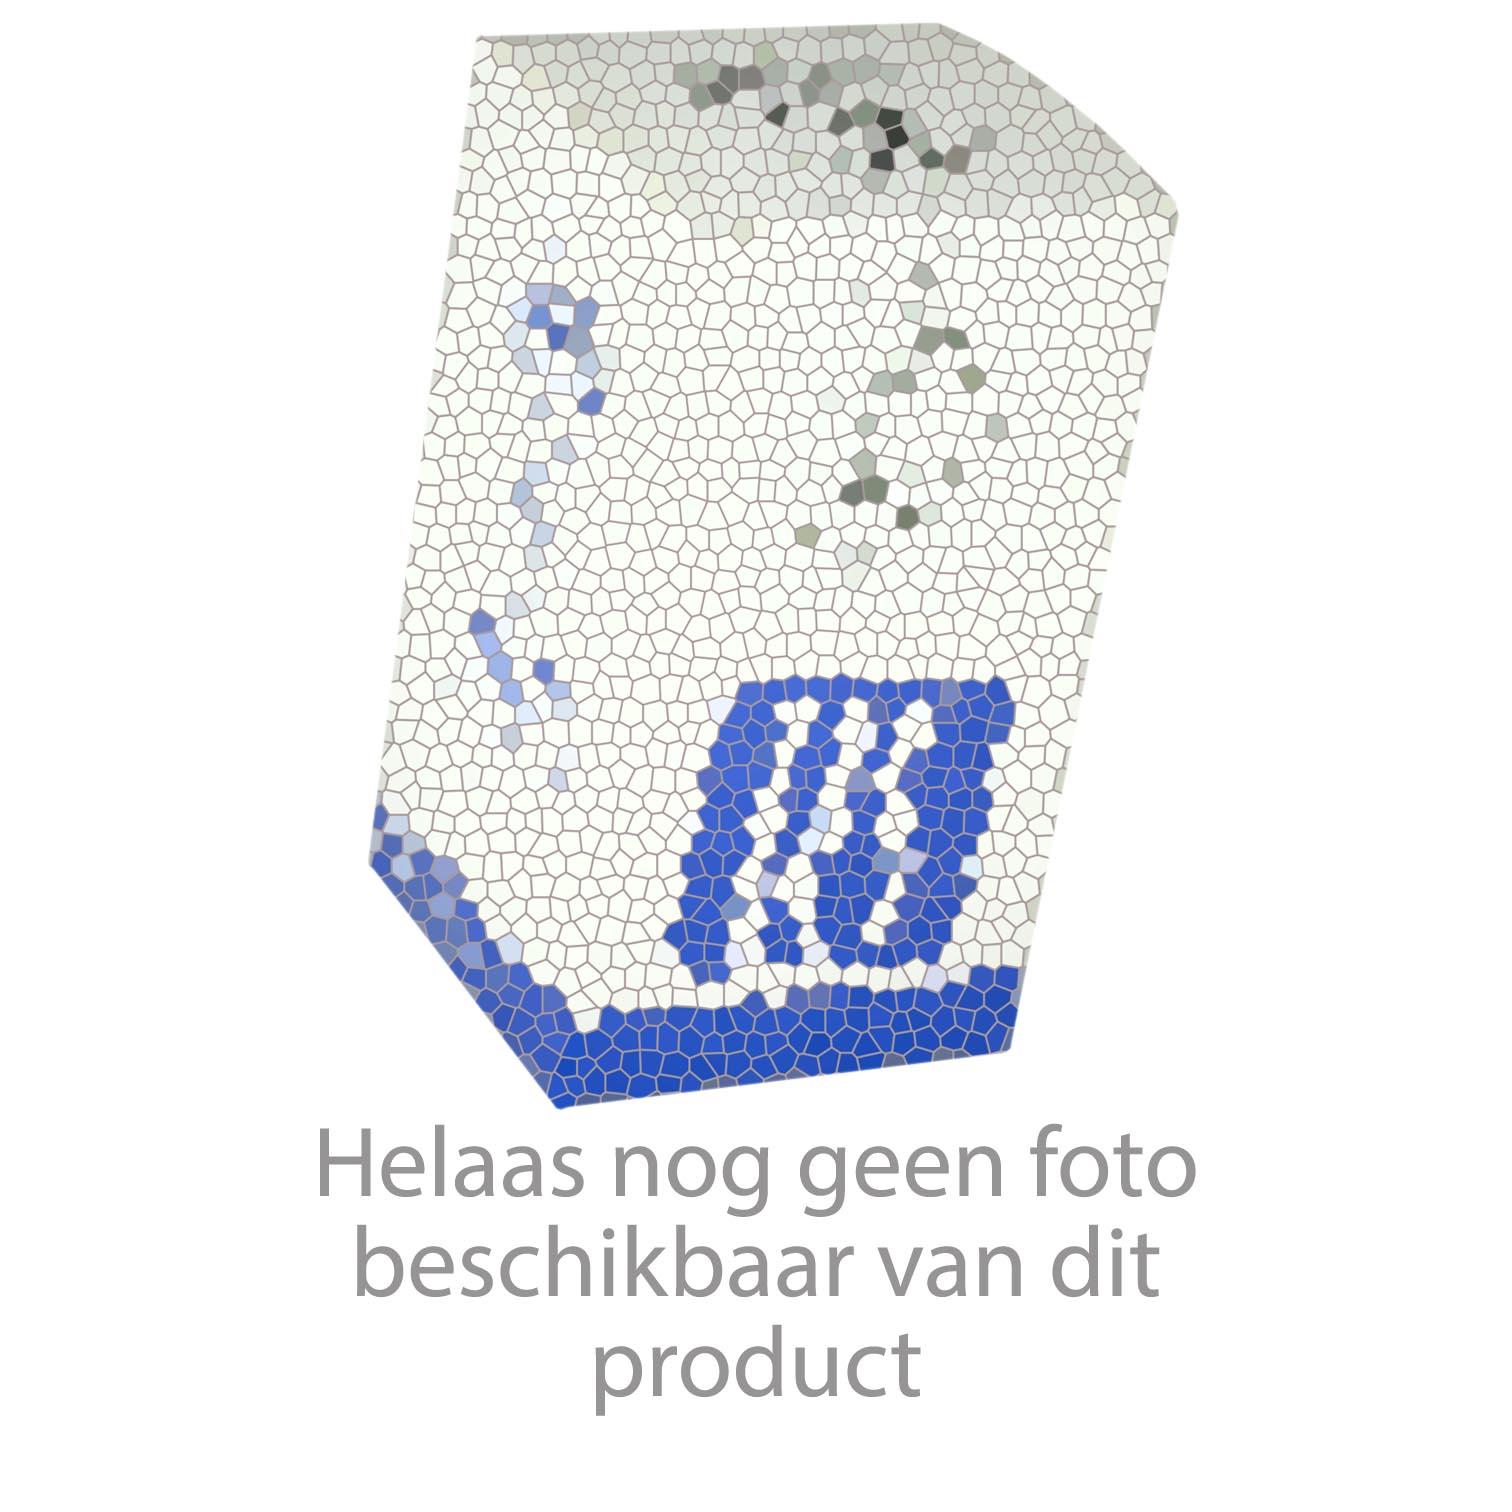 (HUREN) VSH Bovendeel demontagebeugel Aqua secure vorstvrije buitenkraan GK116SP / Seppelfricke